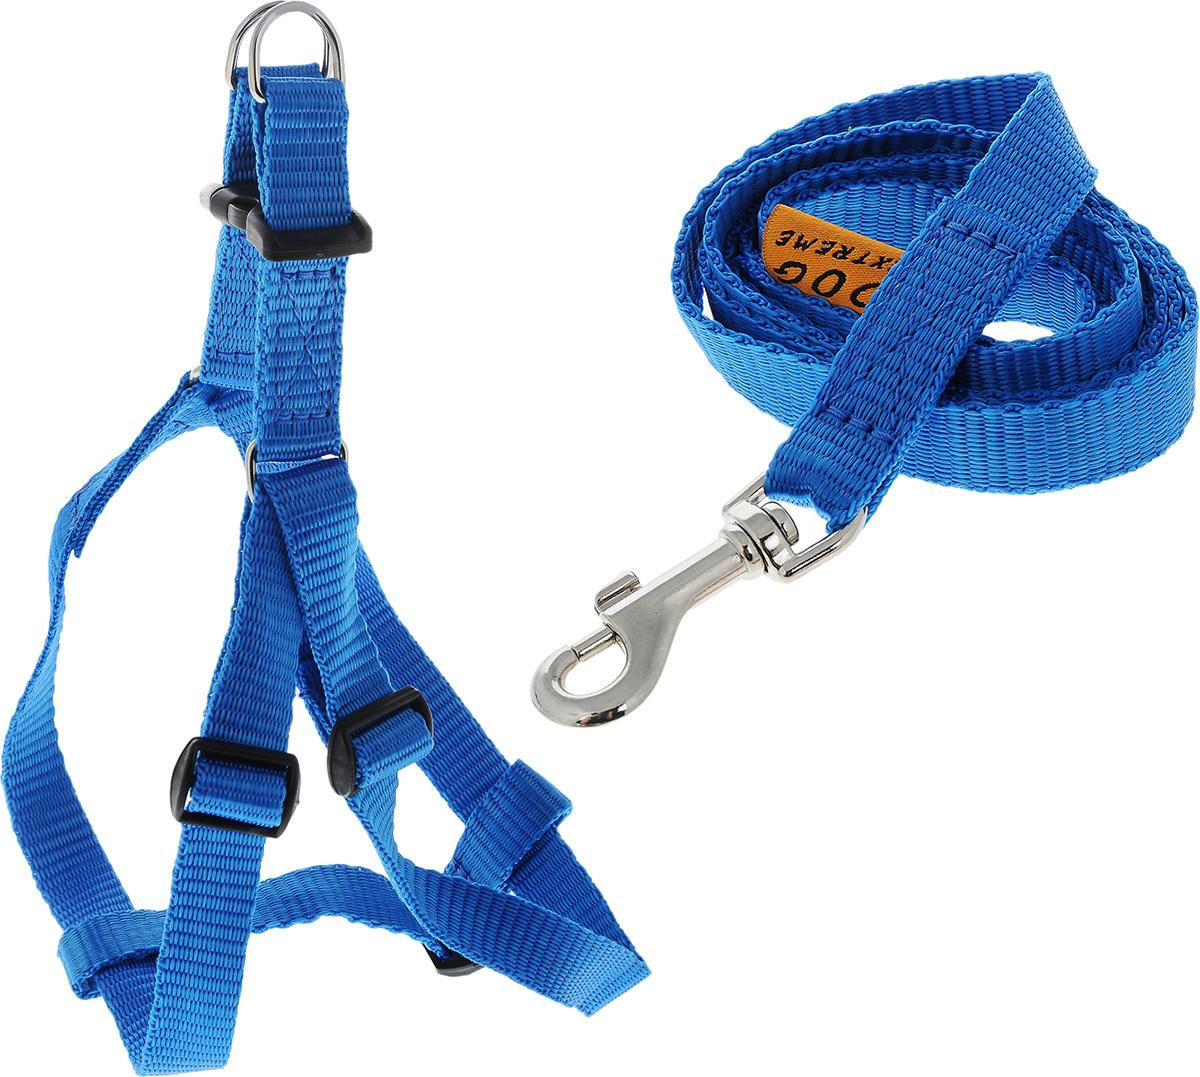 Шлейка для собак DOGExtremе, с поводком, цвет: синий, ширина 15 мм, обхват груди 40-55 см07032Шлейка DOGExtreme, изготовленная из прочного нейлона, подходит для собак. Крепкие металлические элементы делают ее надежной и долговечной. Шлейка - это альтернатива ошейнику. Правильно подобранная шлейка не стесняет движения питомца, не натирает кожу, поэтому животное чувствует себя в ней уверенно и комфортно. Размер регулируется при помощи пряжки. Изделие отличается высоким качеством, удобством и универсальностью. В комплекте нейлоновый поводок с металлическим карабином. Обхват груди: 40-55 см. Ширина шлейки: 1,5 см. Длина поводка: 117 см.